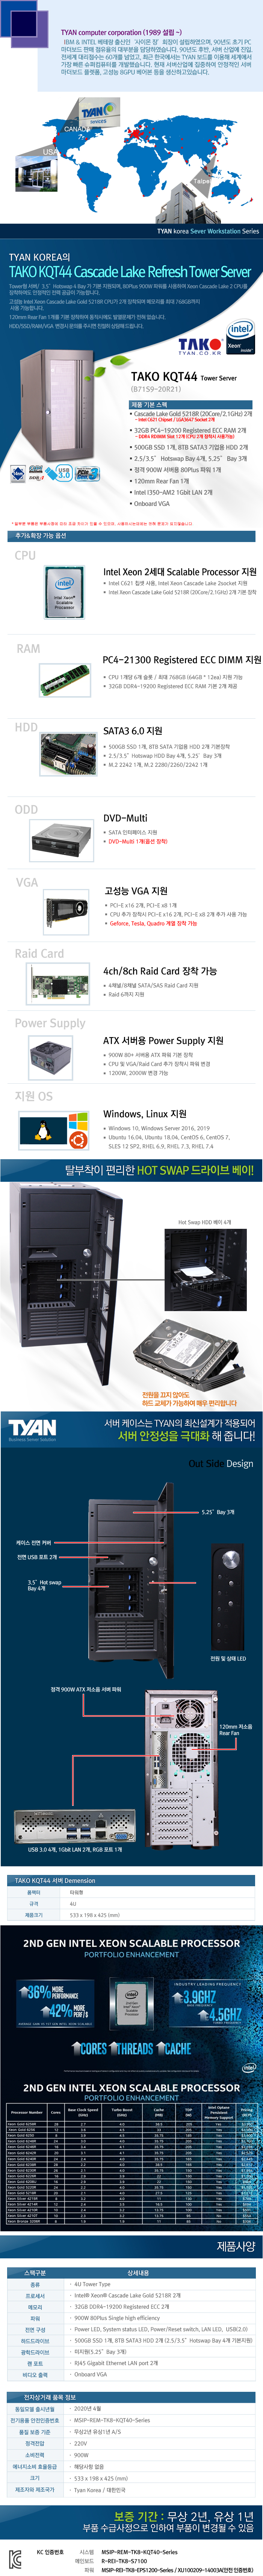 TYAN TAKO-KQT44-(B71S9-20R21) (64GB, SSD 500GB + 16TB)